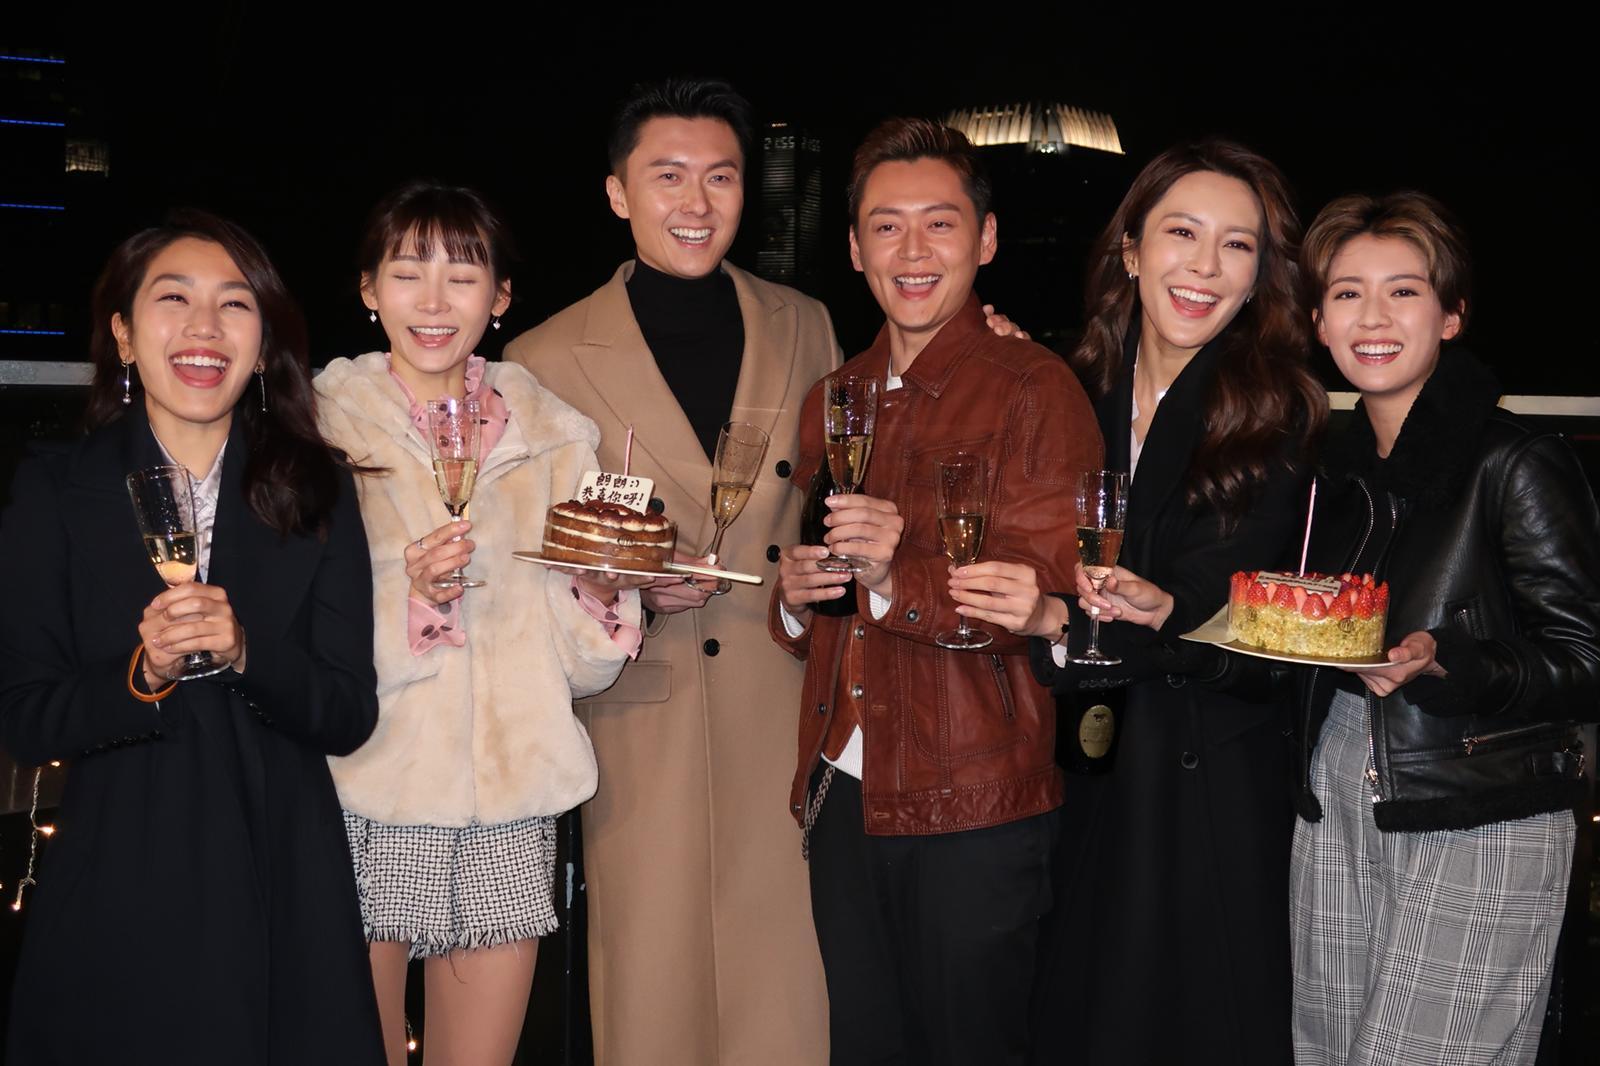 昨晚拍攝新劇《踩過界II》期間,眾演員突然送上蛋糕及香檳,還吻賀兩位「飛躍進步獎」得主。